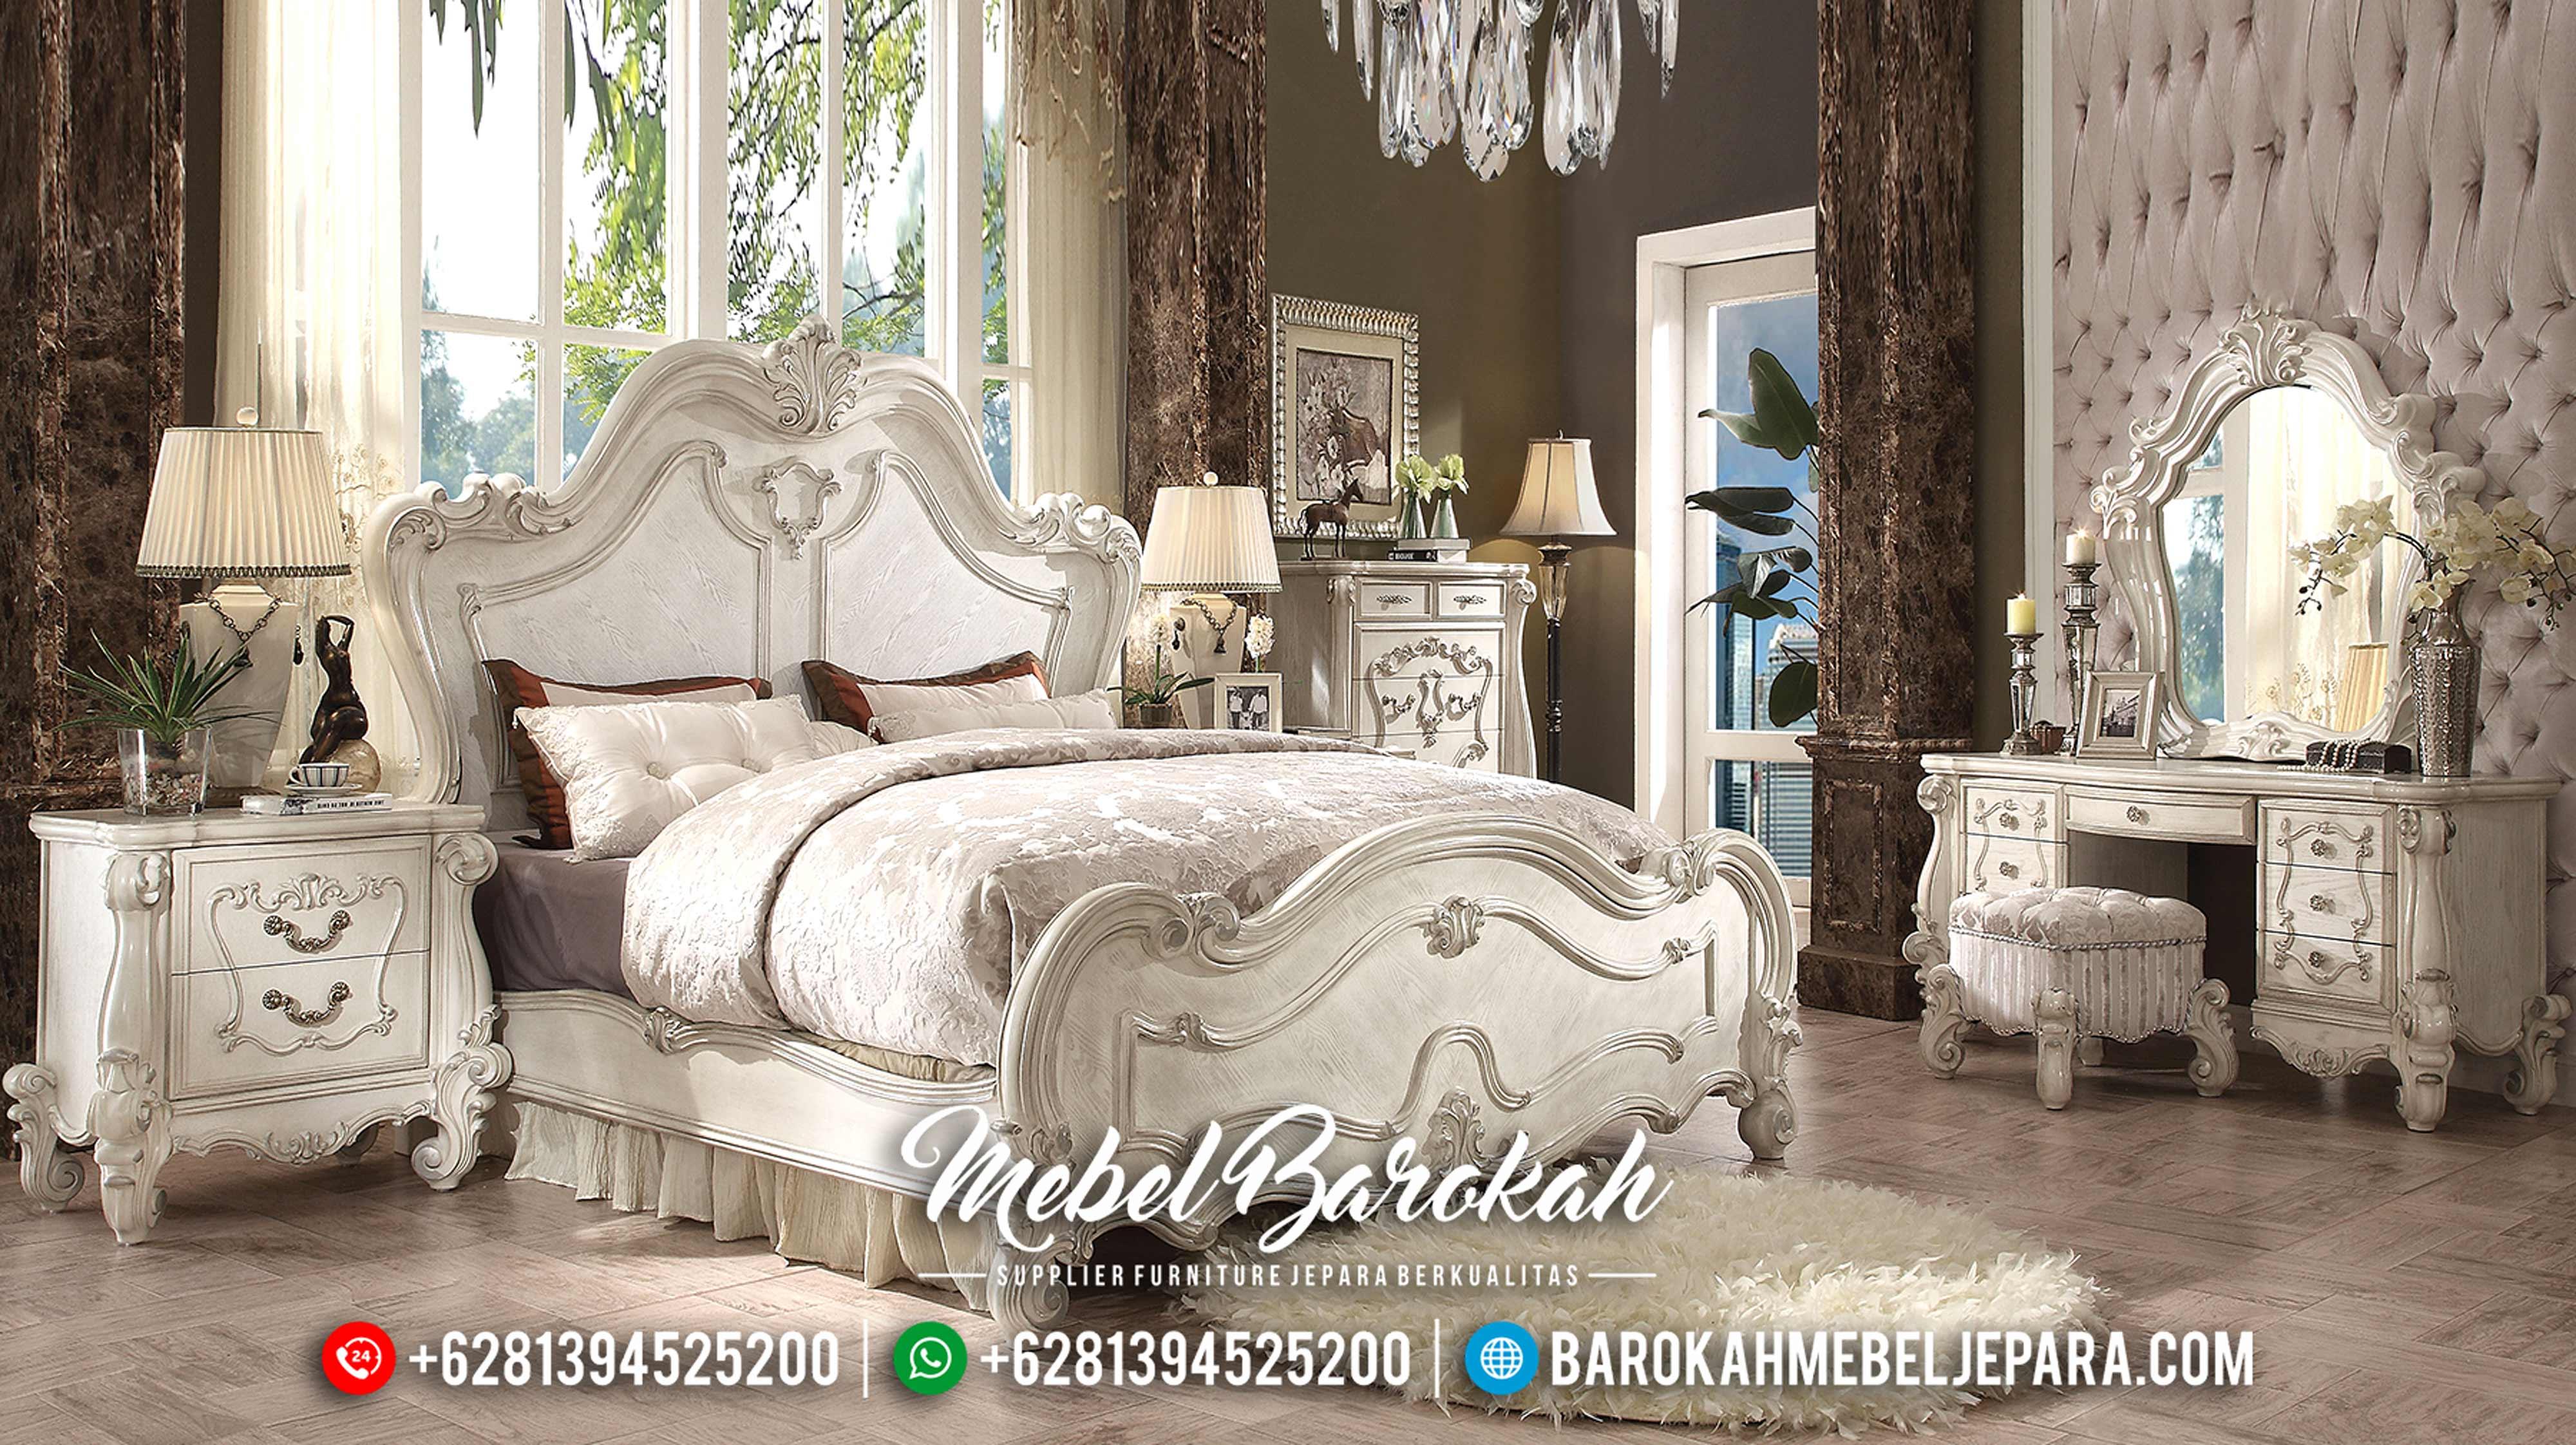 Classic Furniture Indonesian Set Tempat Tidur Mewah Jepara Terbaru MB-0134